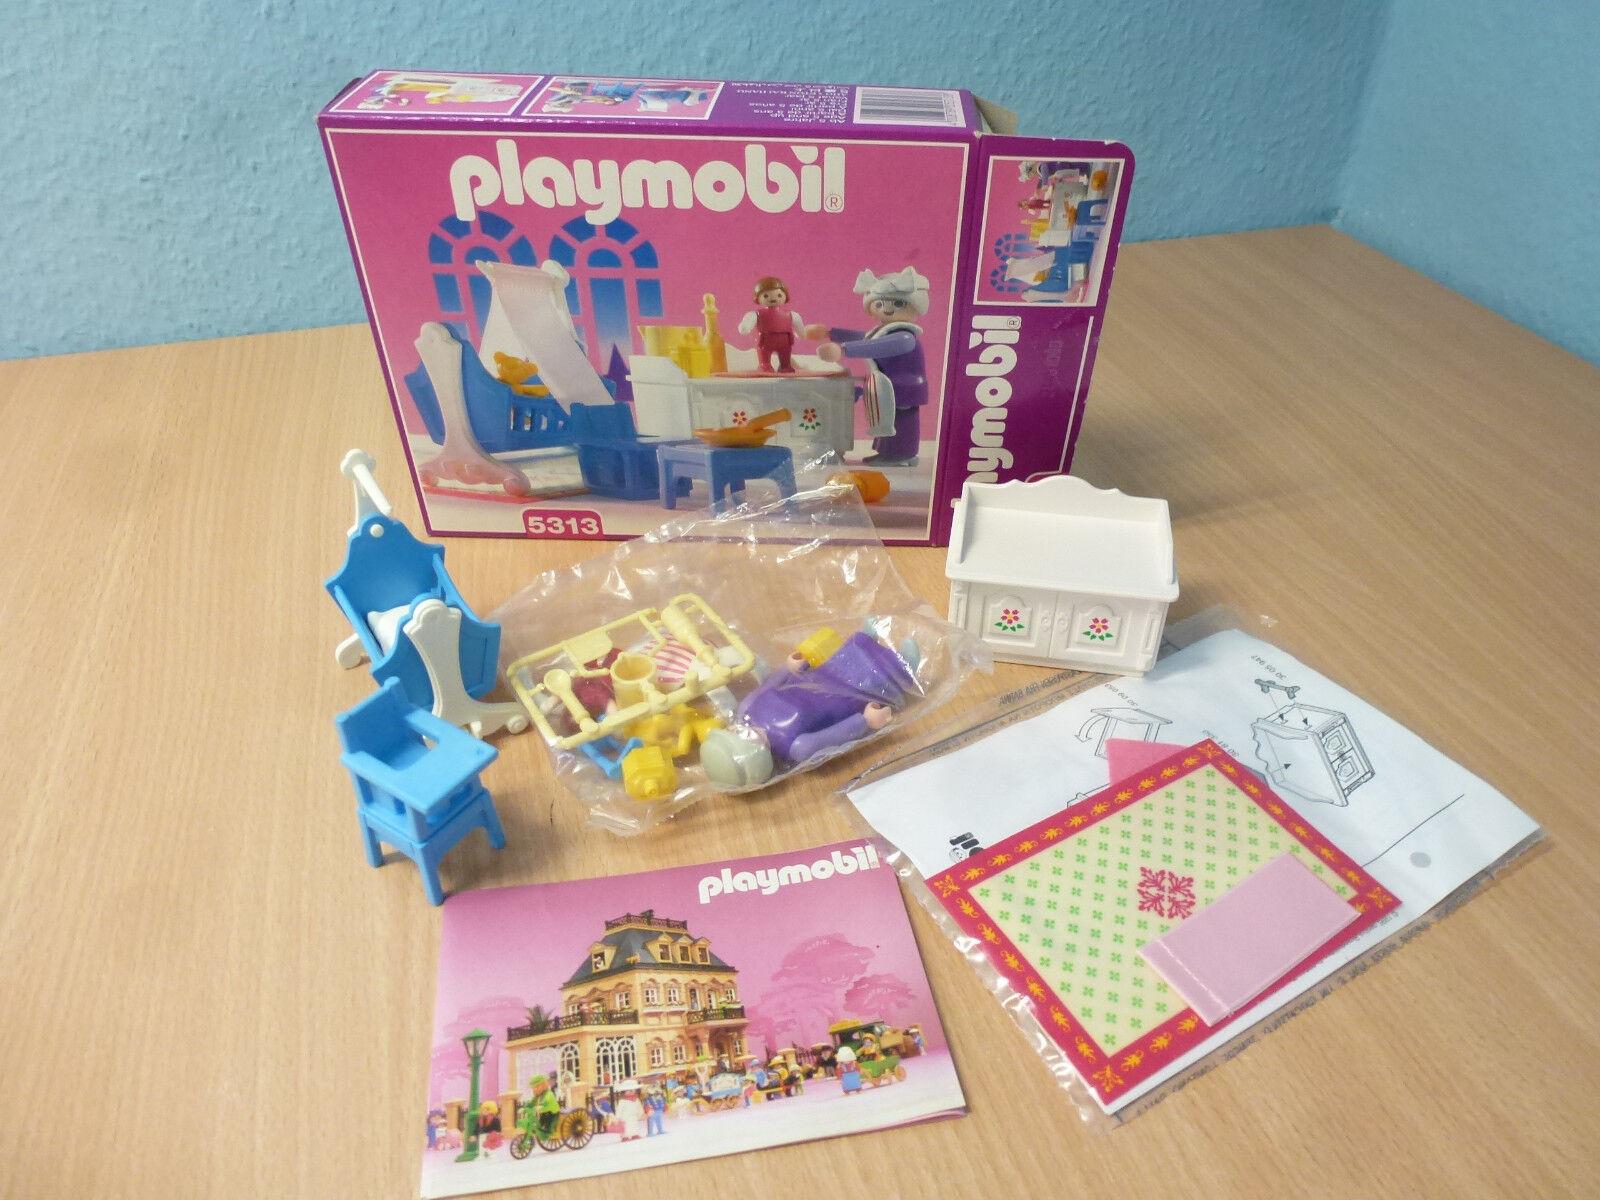 5313 Babyzimmer zu Nostalgie Rosa Serie Serie Serie 5300 Puppenhaus 1900 OVP Playmobil d37e4b